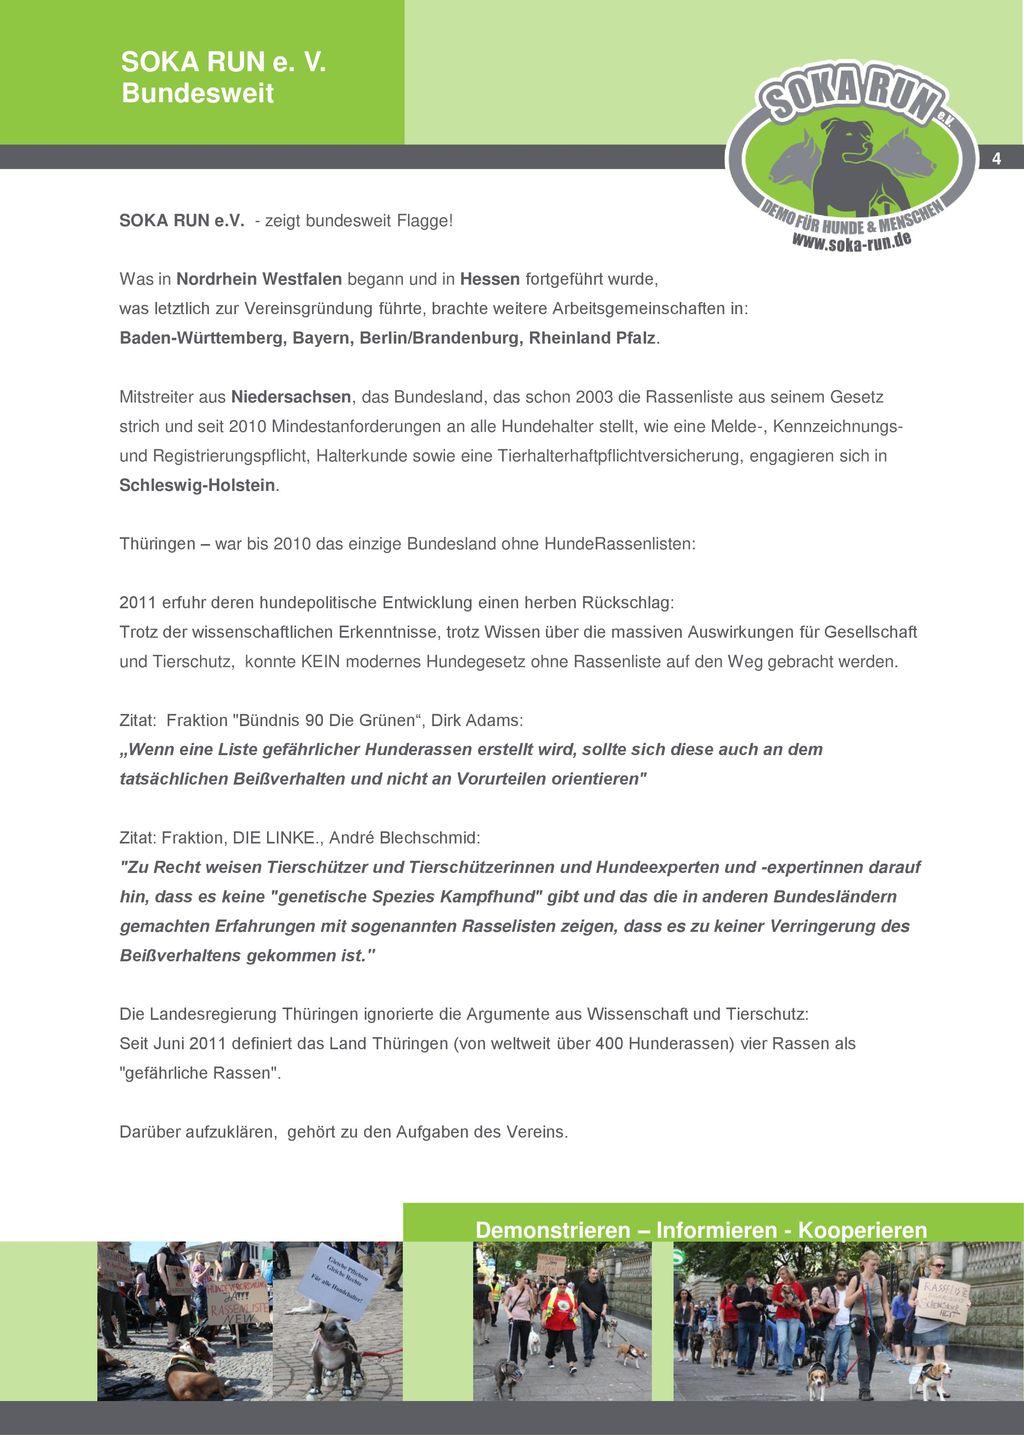 SOKA RUN e. V. Bundesweit Demonstrieren – Informieren - Kooperieren 4